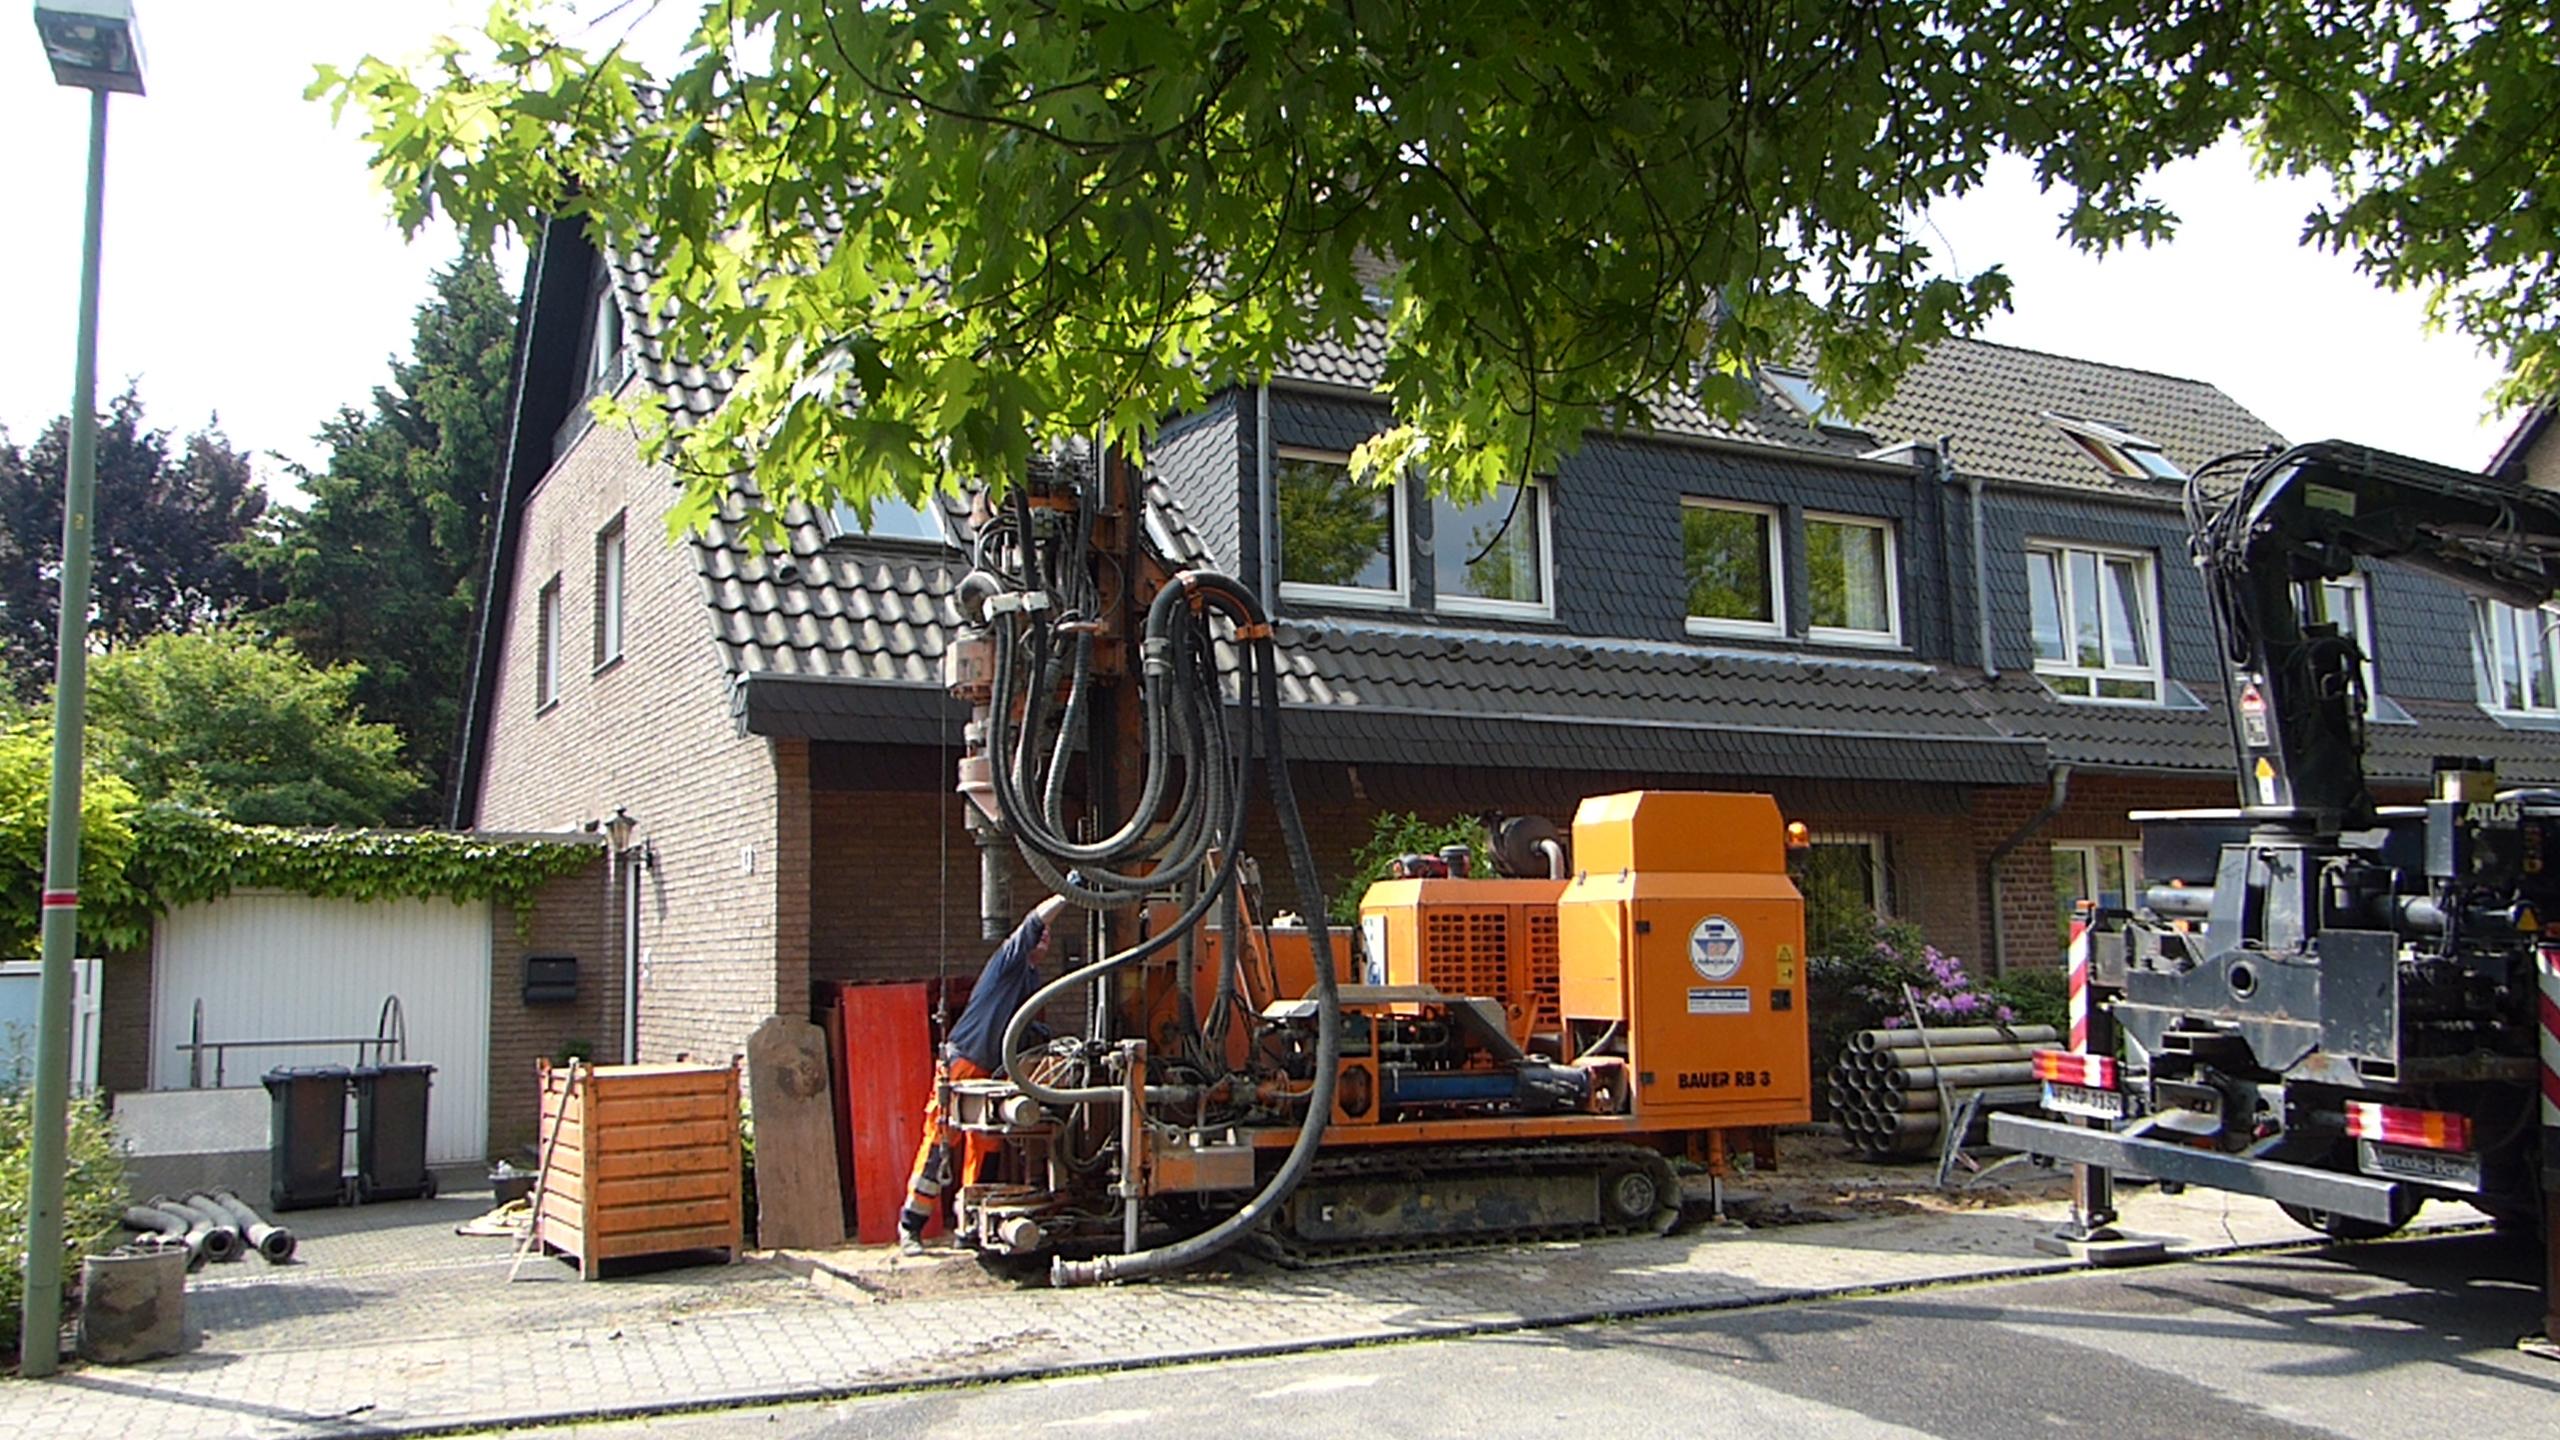 Geothermie im Altbau - Mehrfamilienhäuser